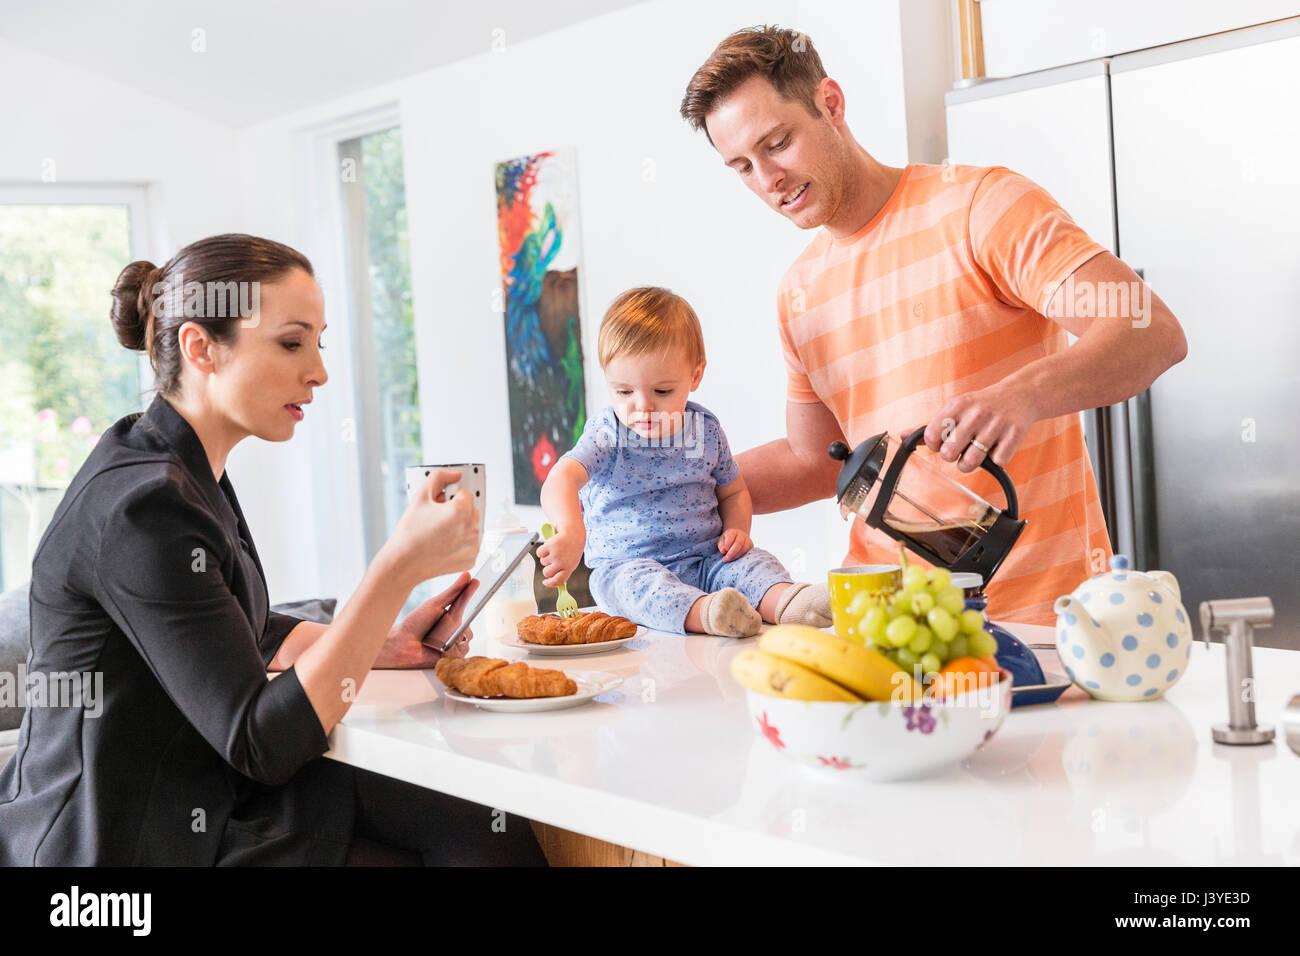 Vater macht Frühstück für Mama und Kind Sohn arbeiten Stockbild